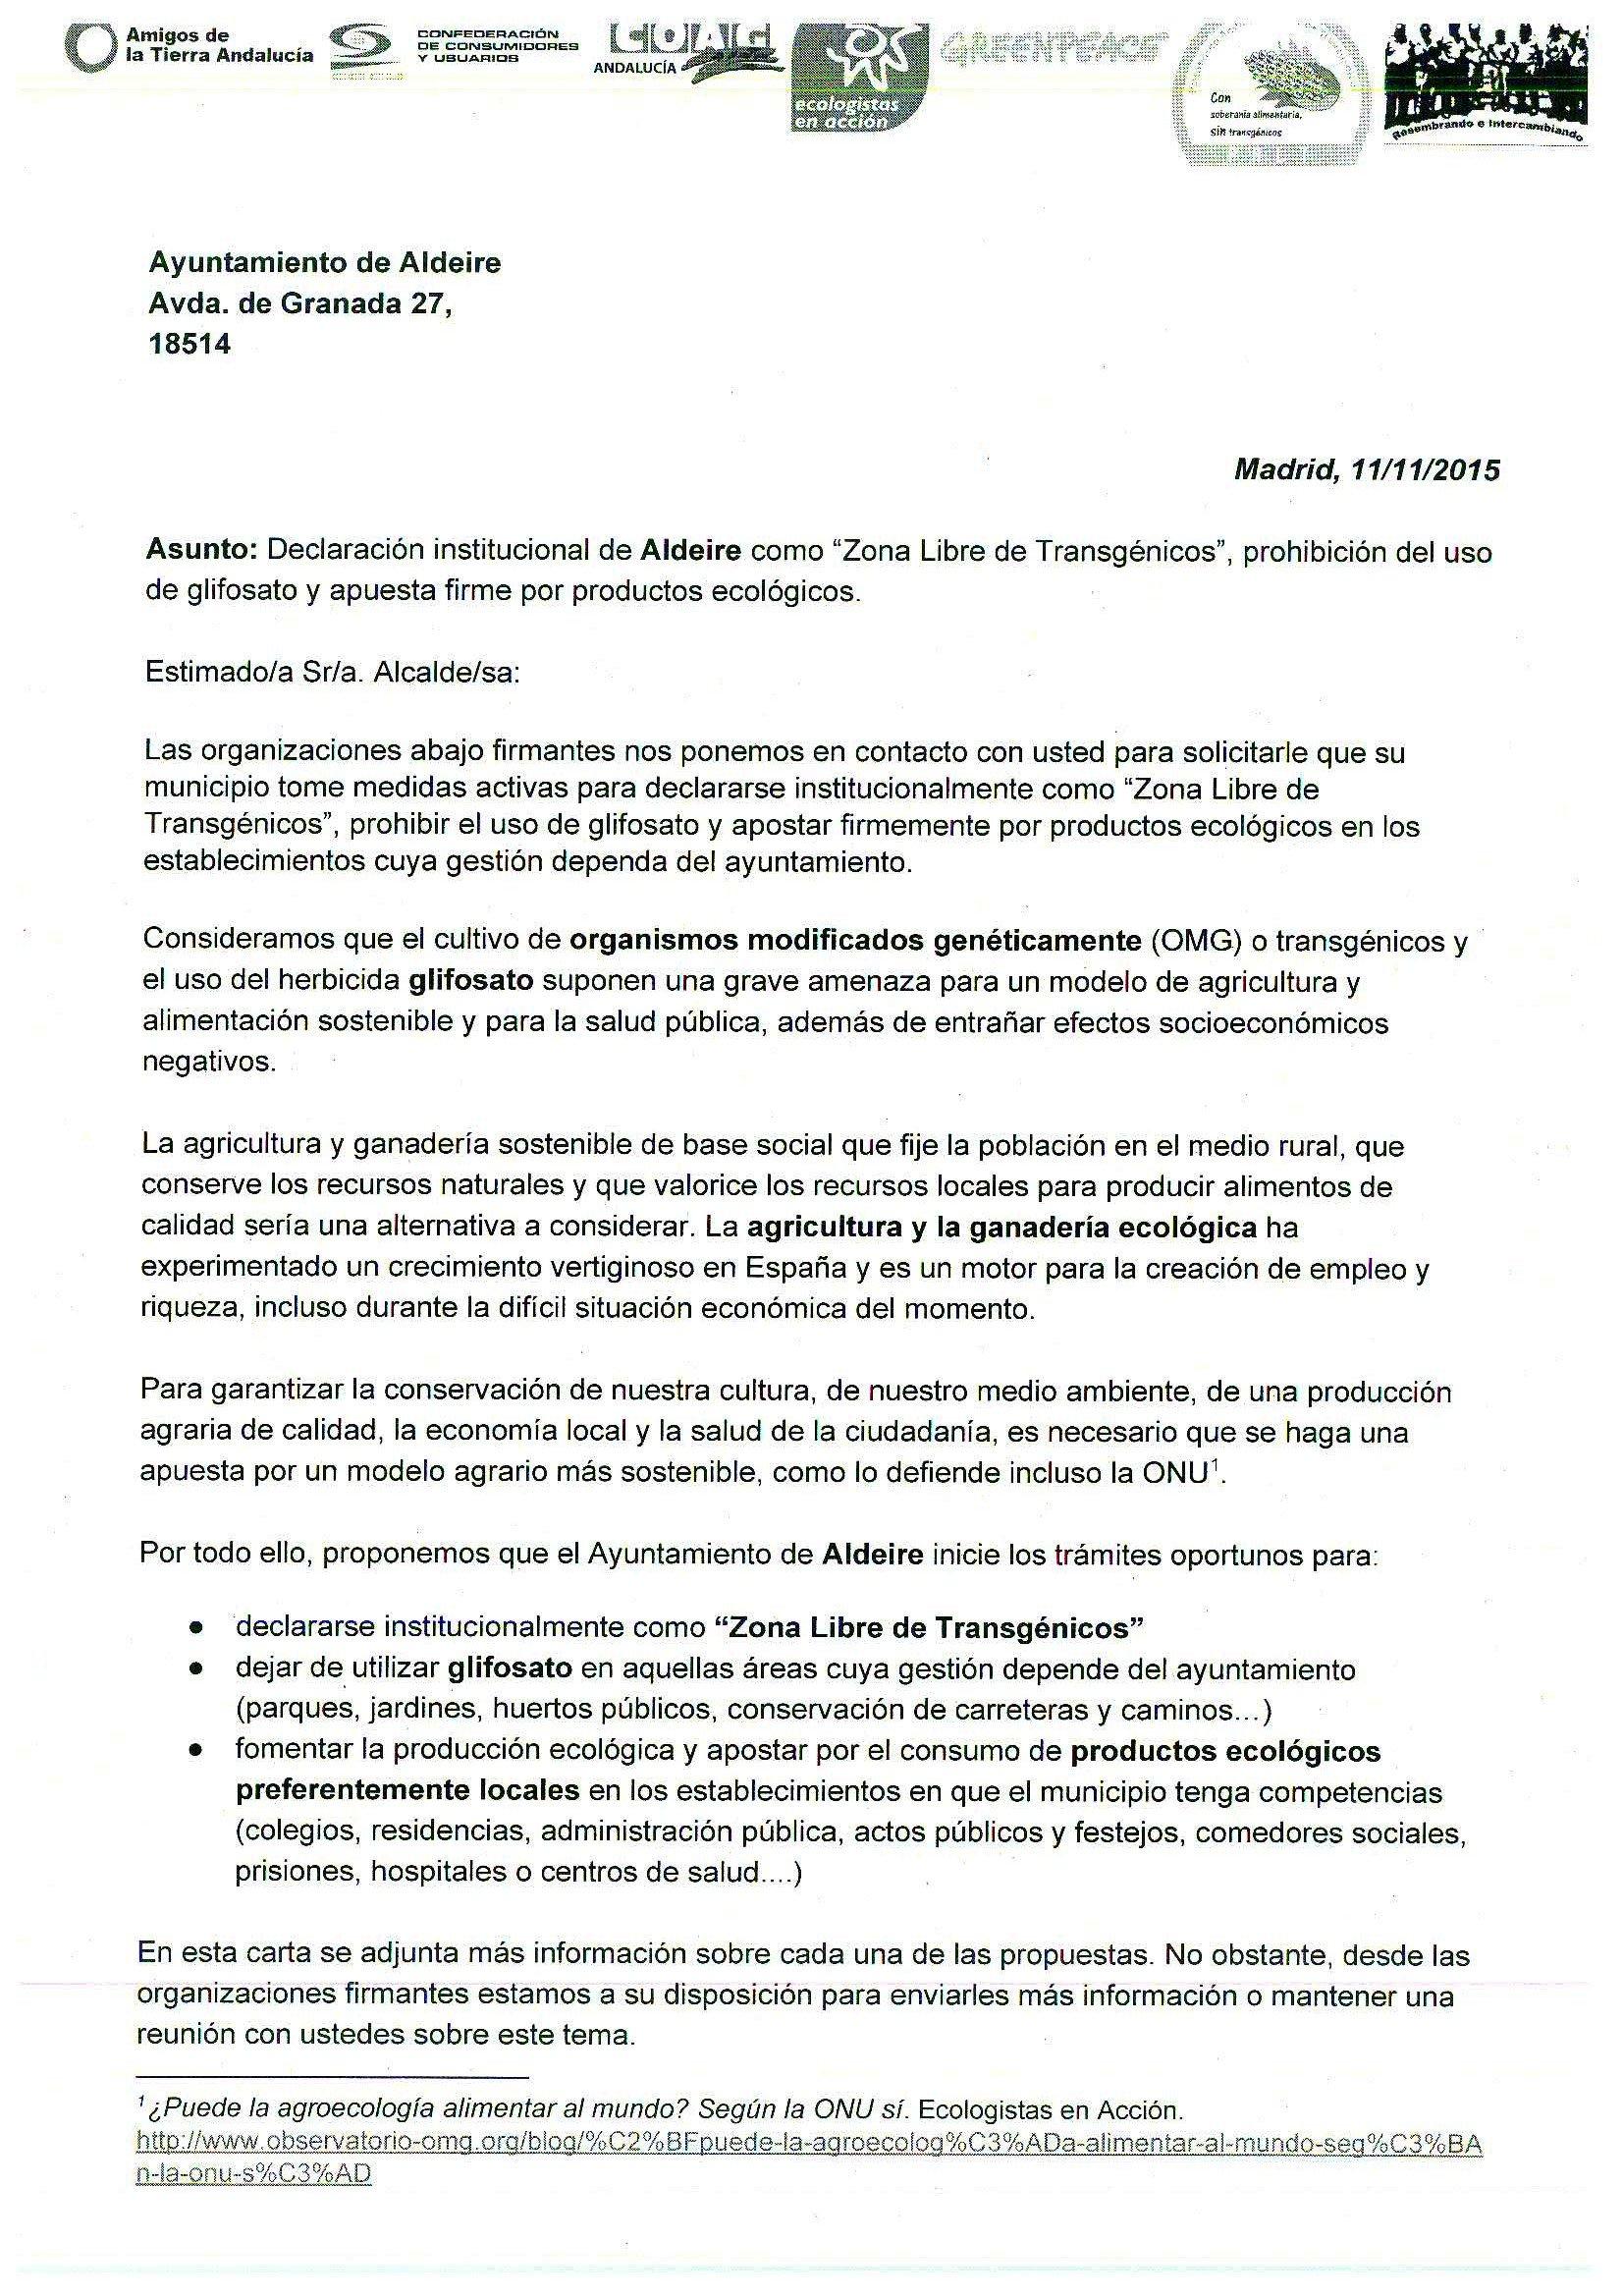 Aldeire.-Carta-ZLT%2c-glifosato-y-compra-publica-ecologica-0000